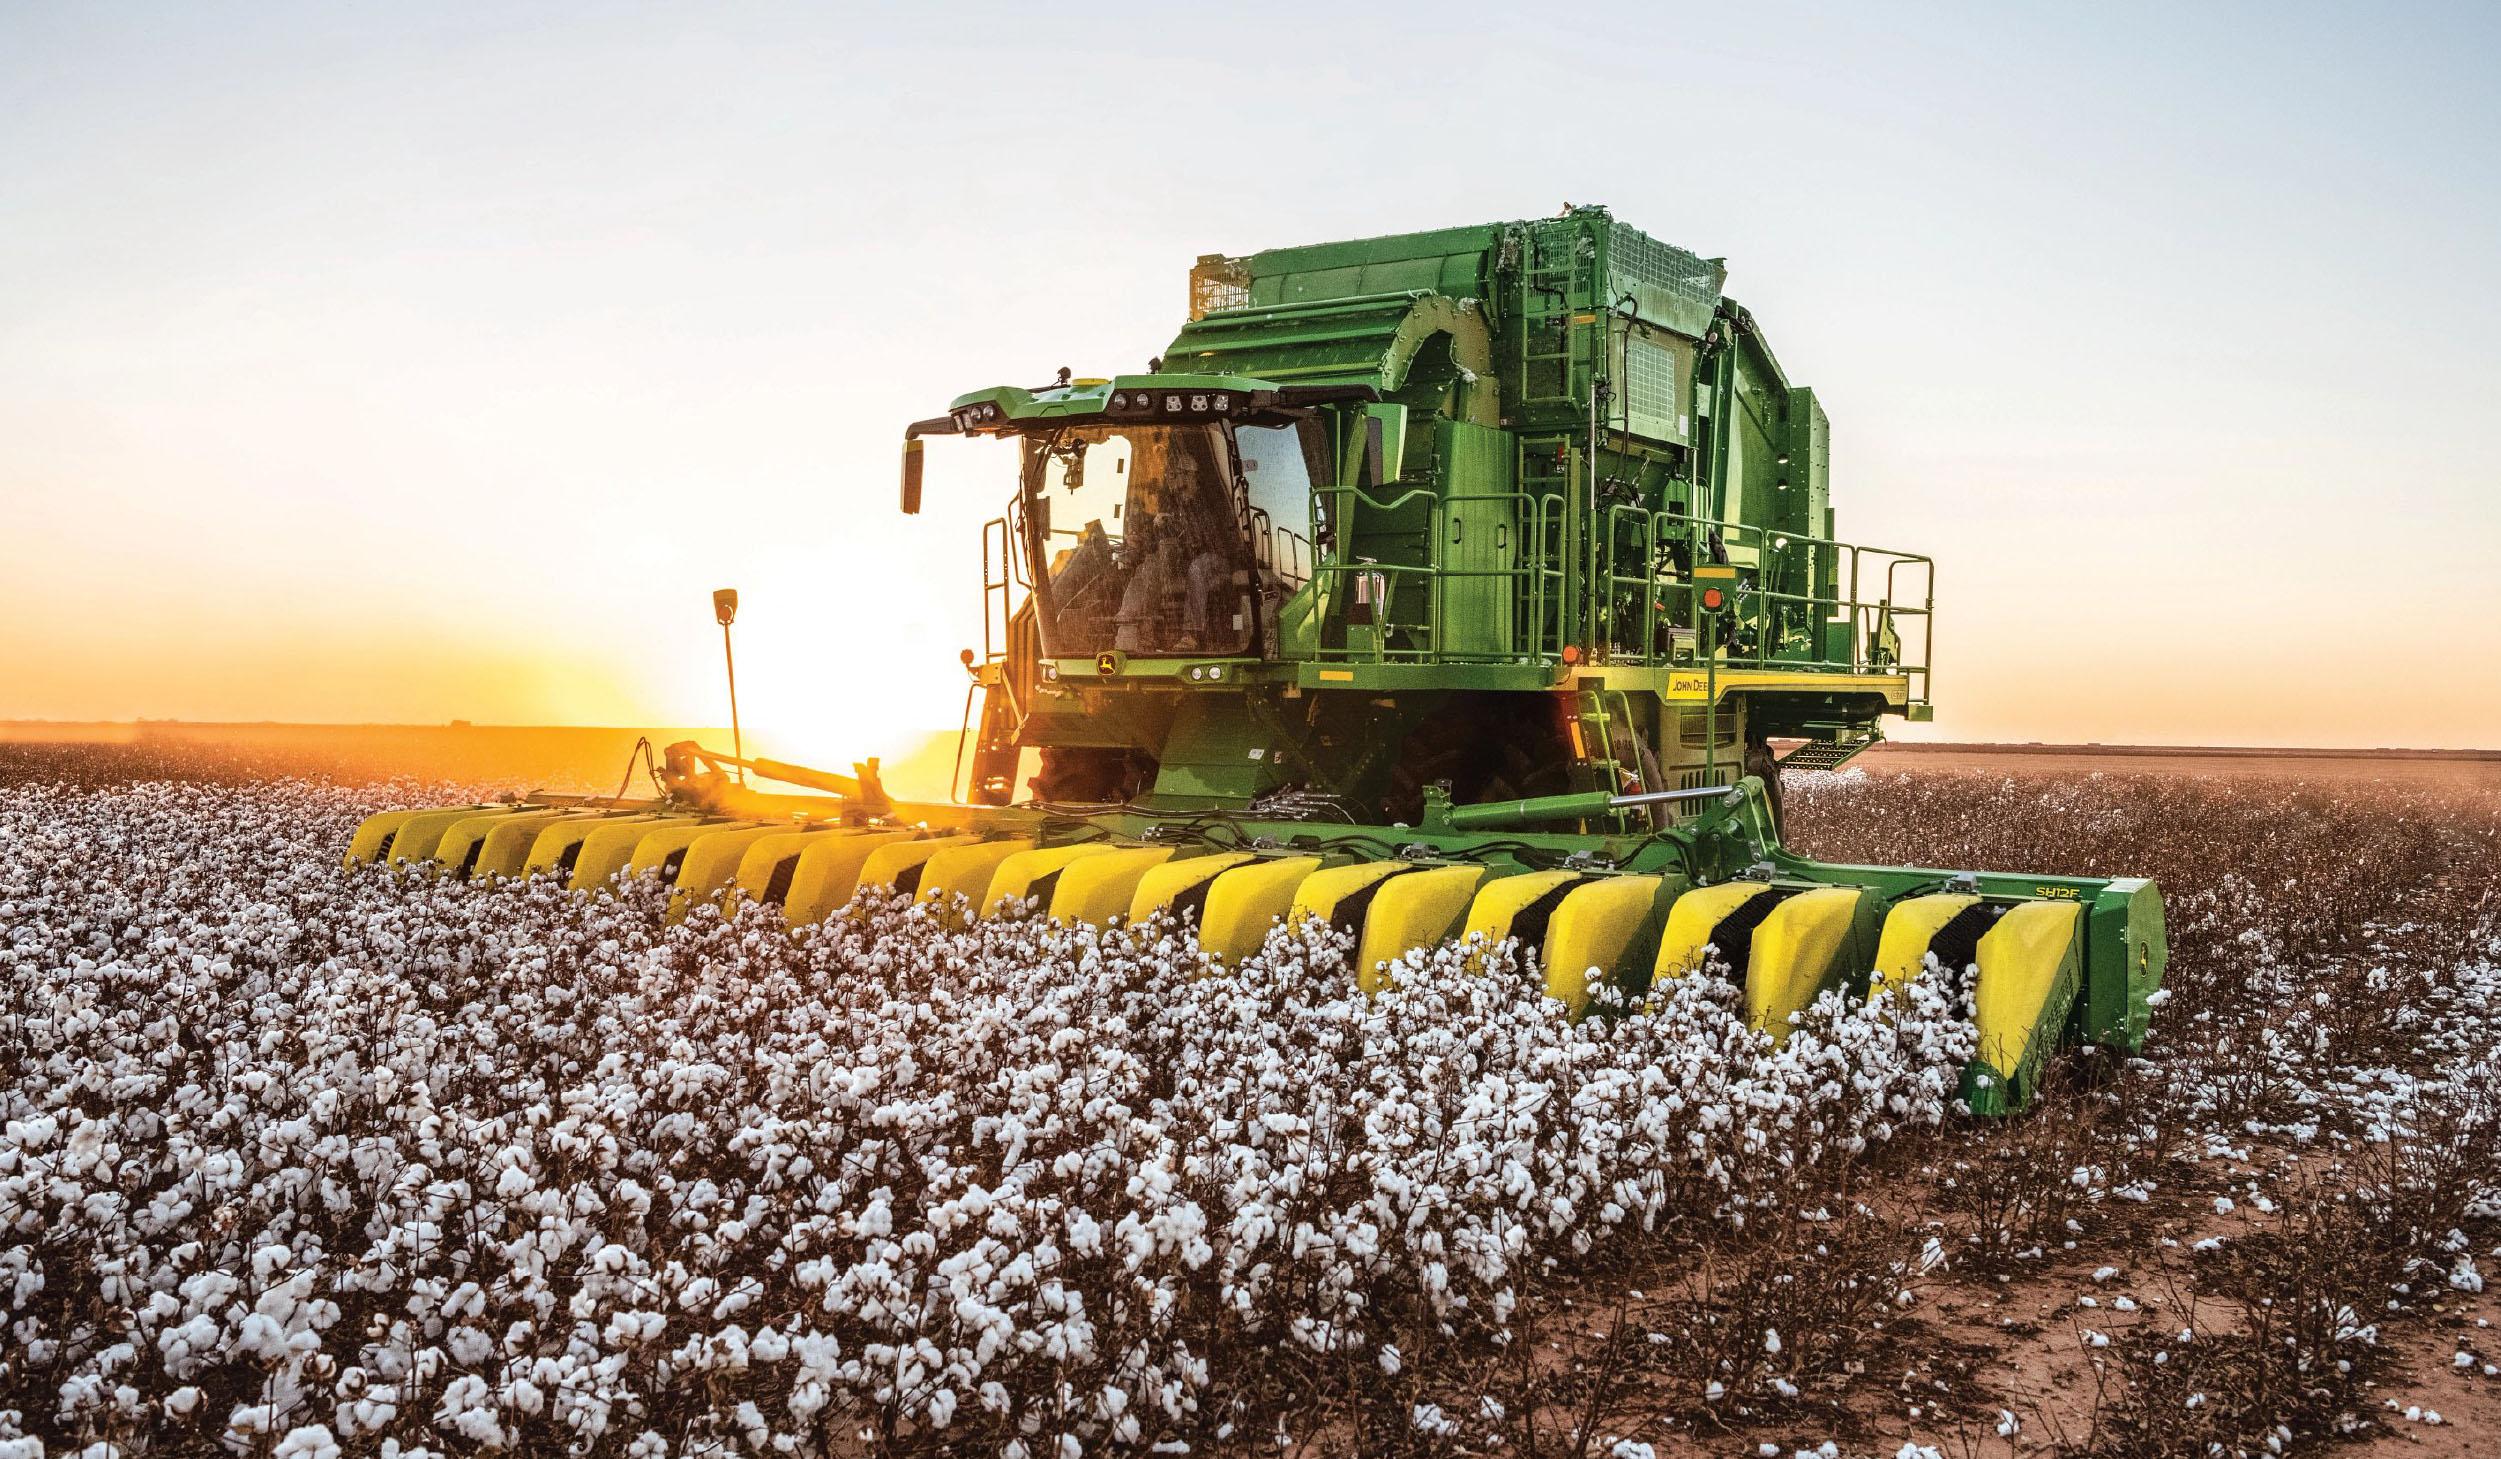 hurst farm supply harvest